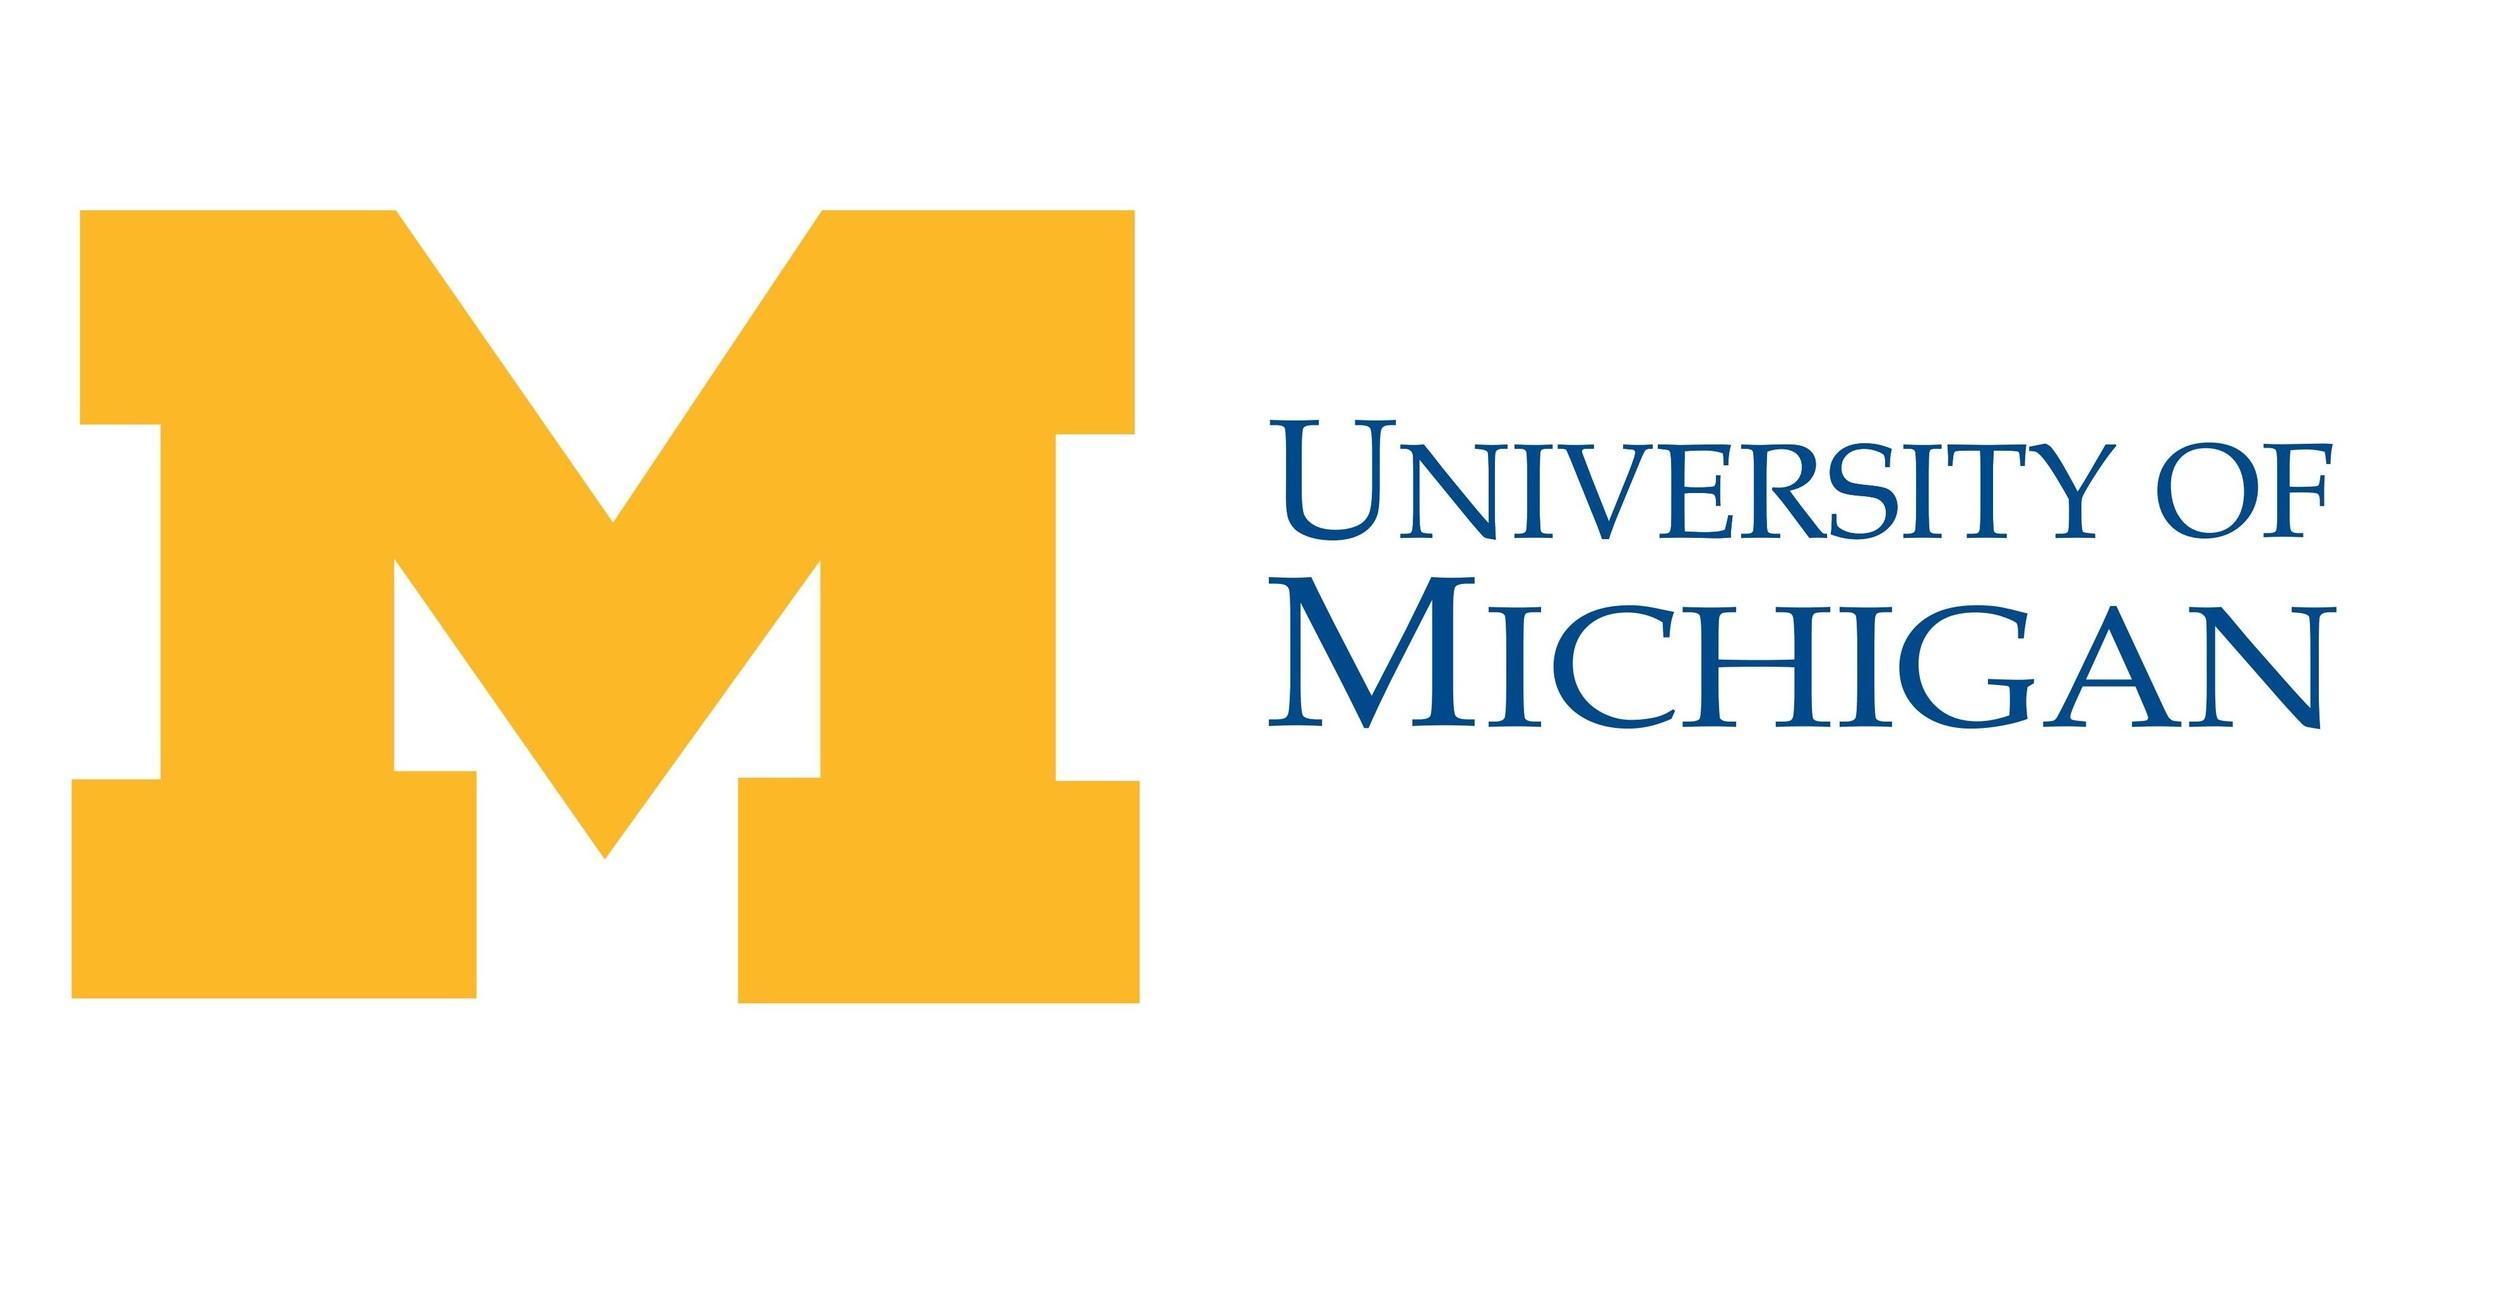 u-m-university-of-michigan-logo.jpg